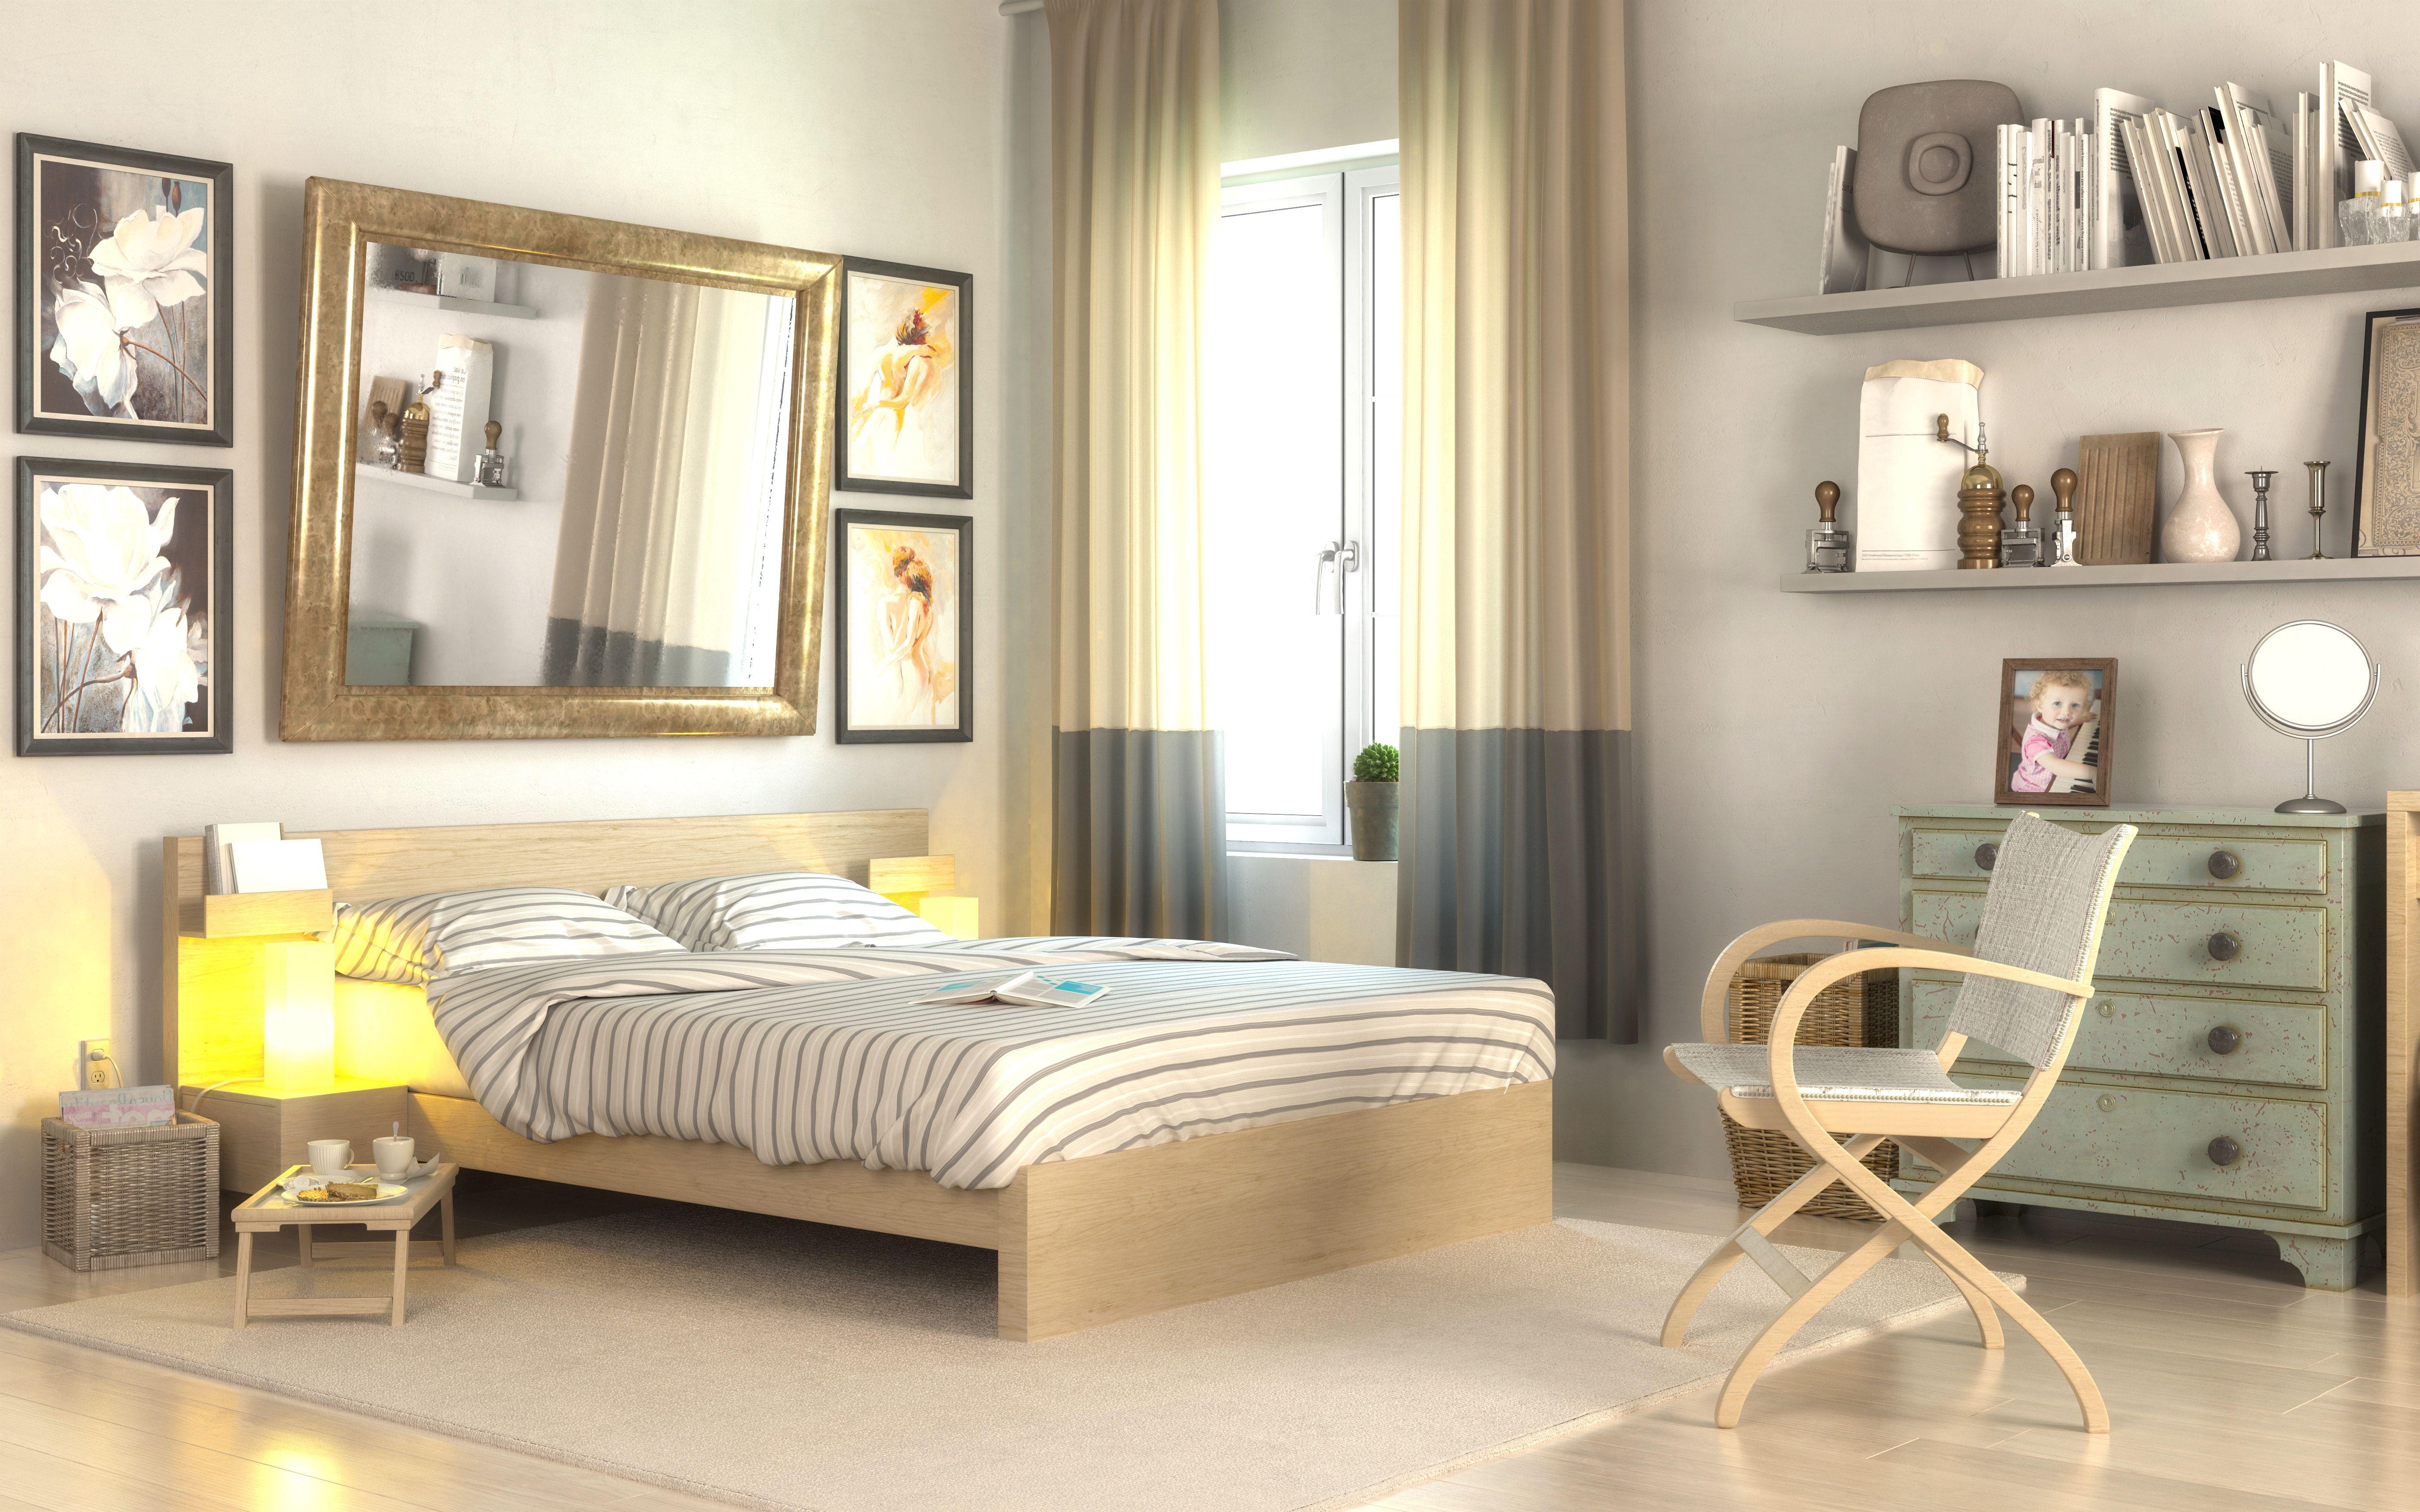 kleines schlafzimmer gemütlich gestalten Small bedroom